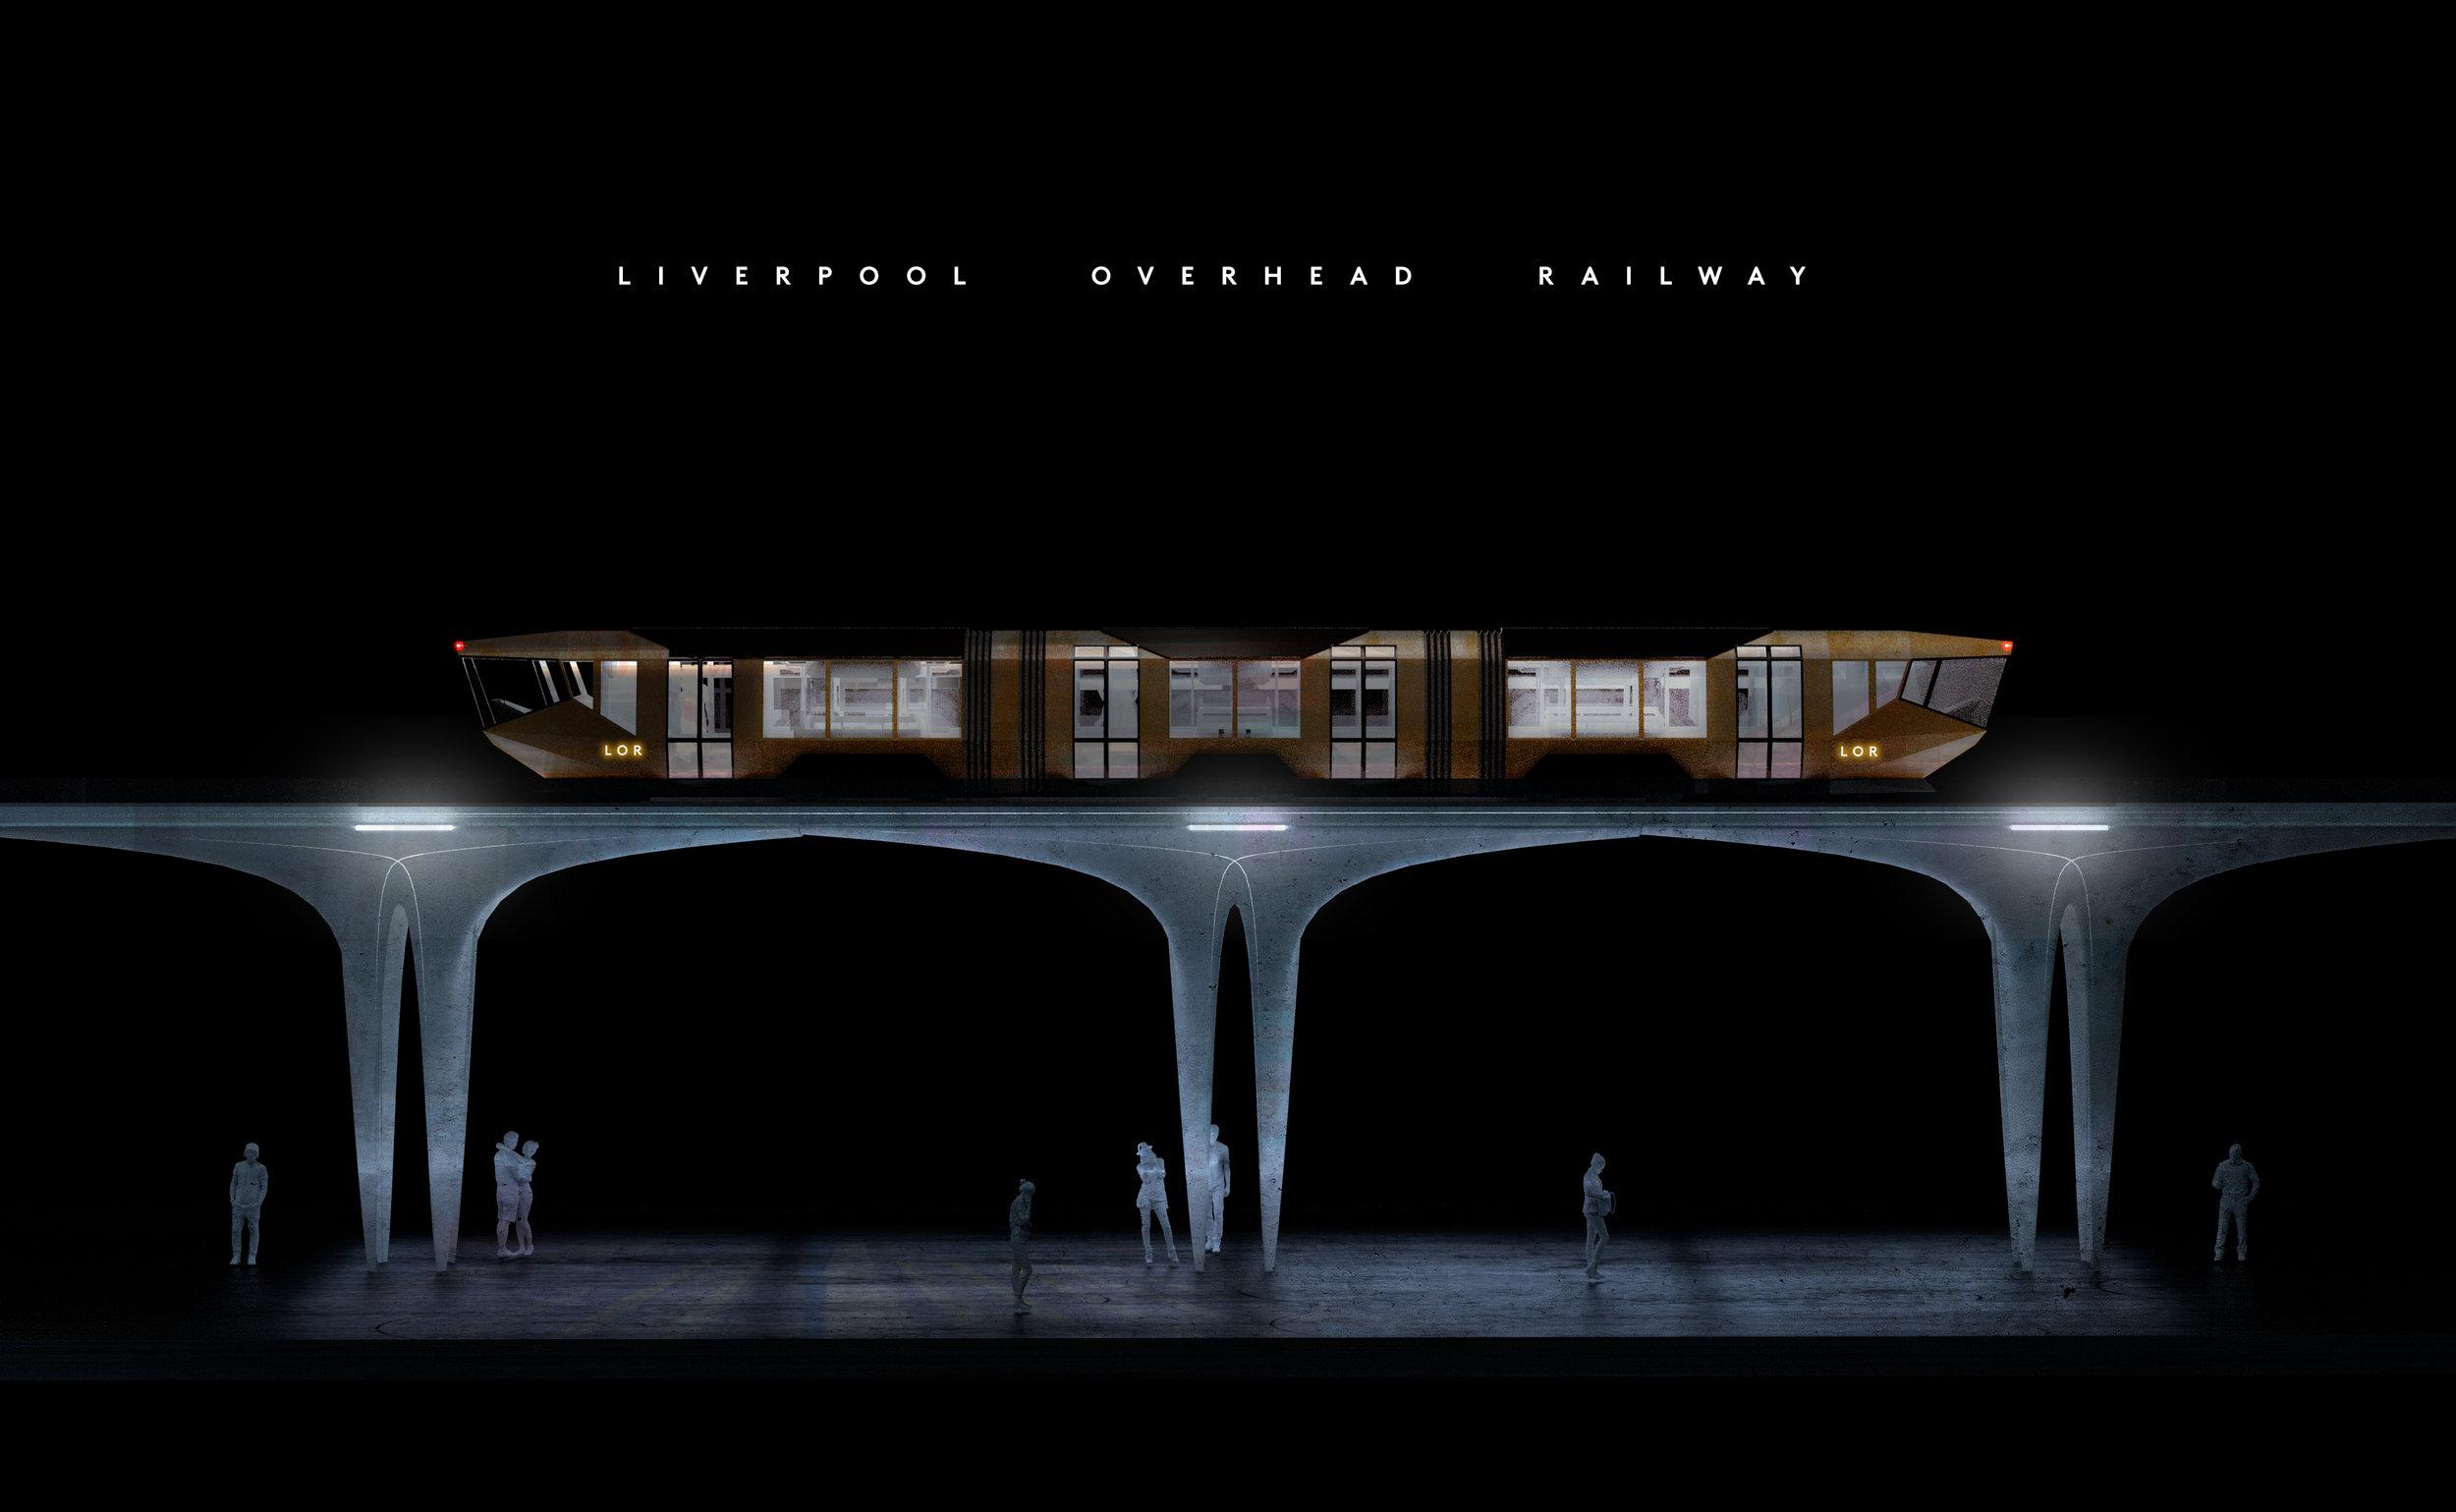 Liverpool Overhead Railway CGI Fantasist